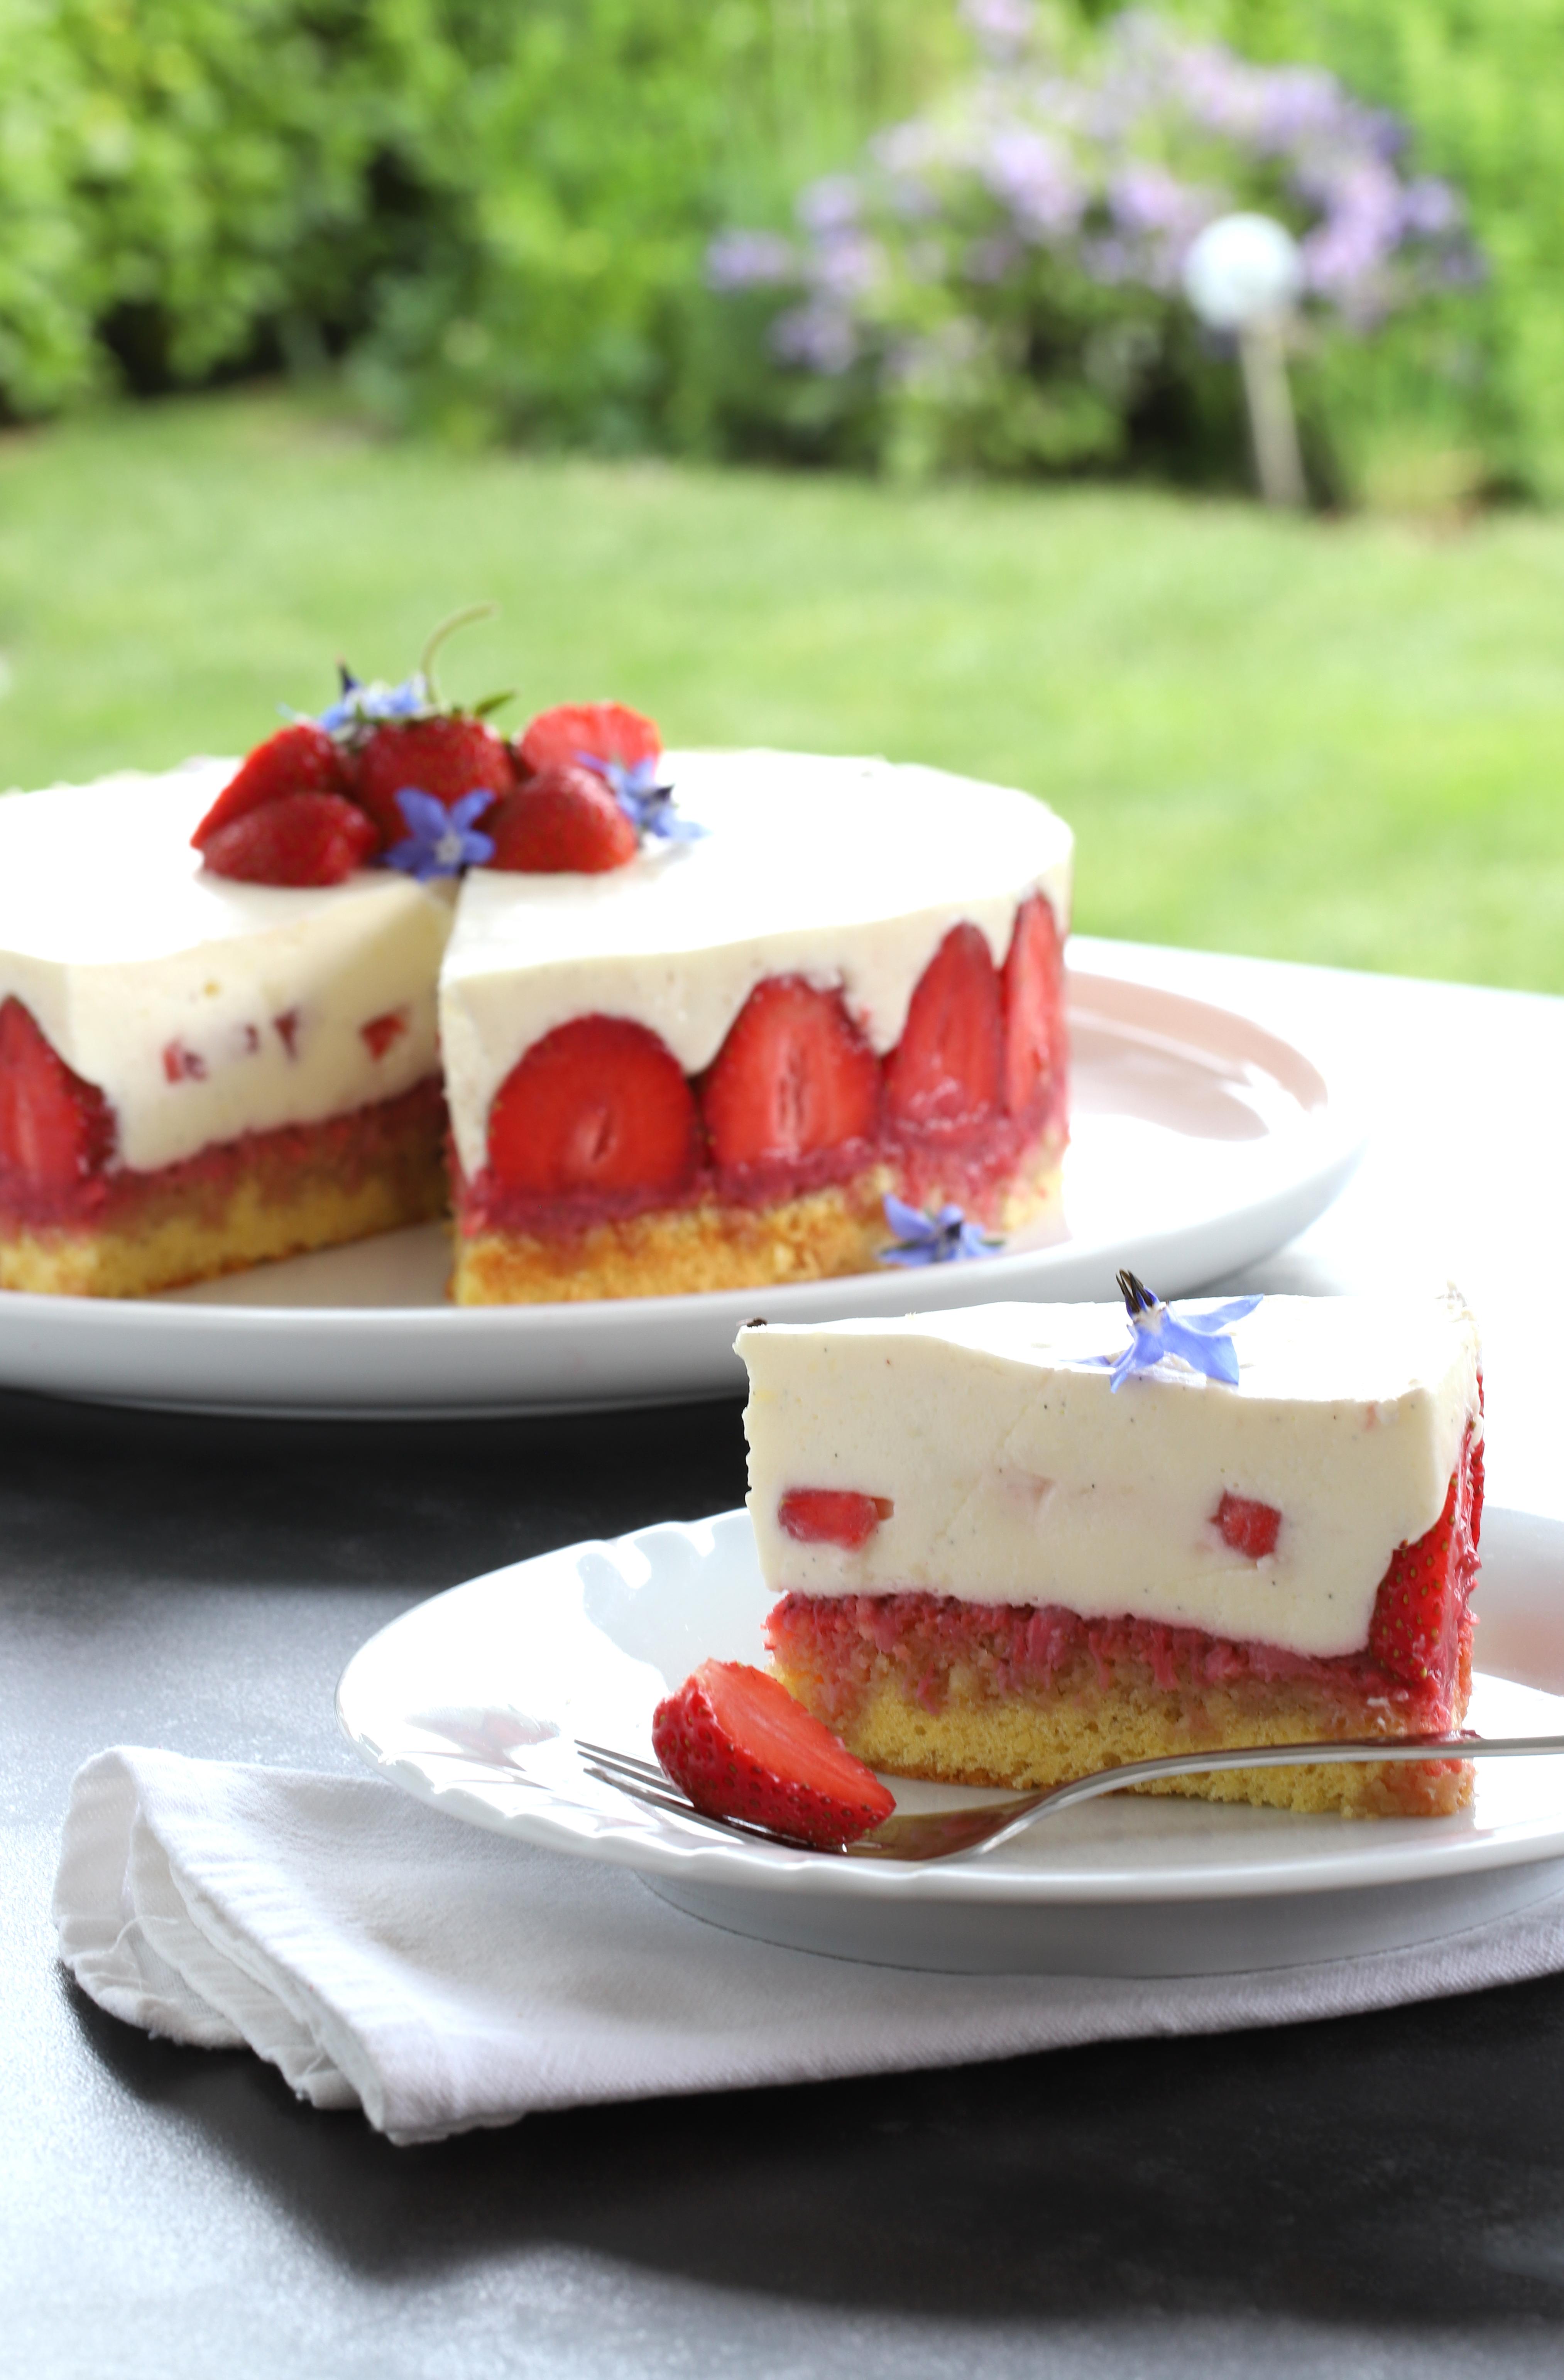 Fraisier - Strawberry cake - delimoon.com